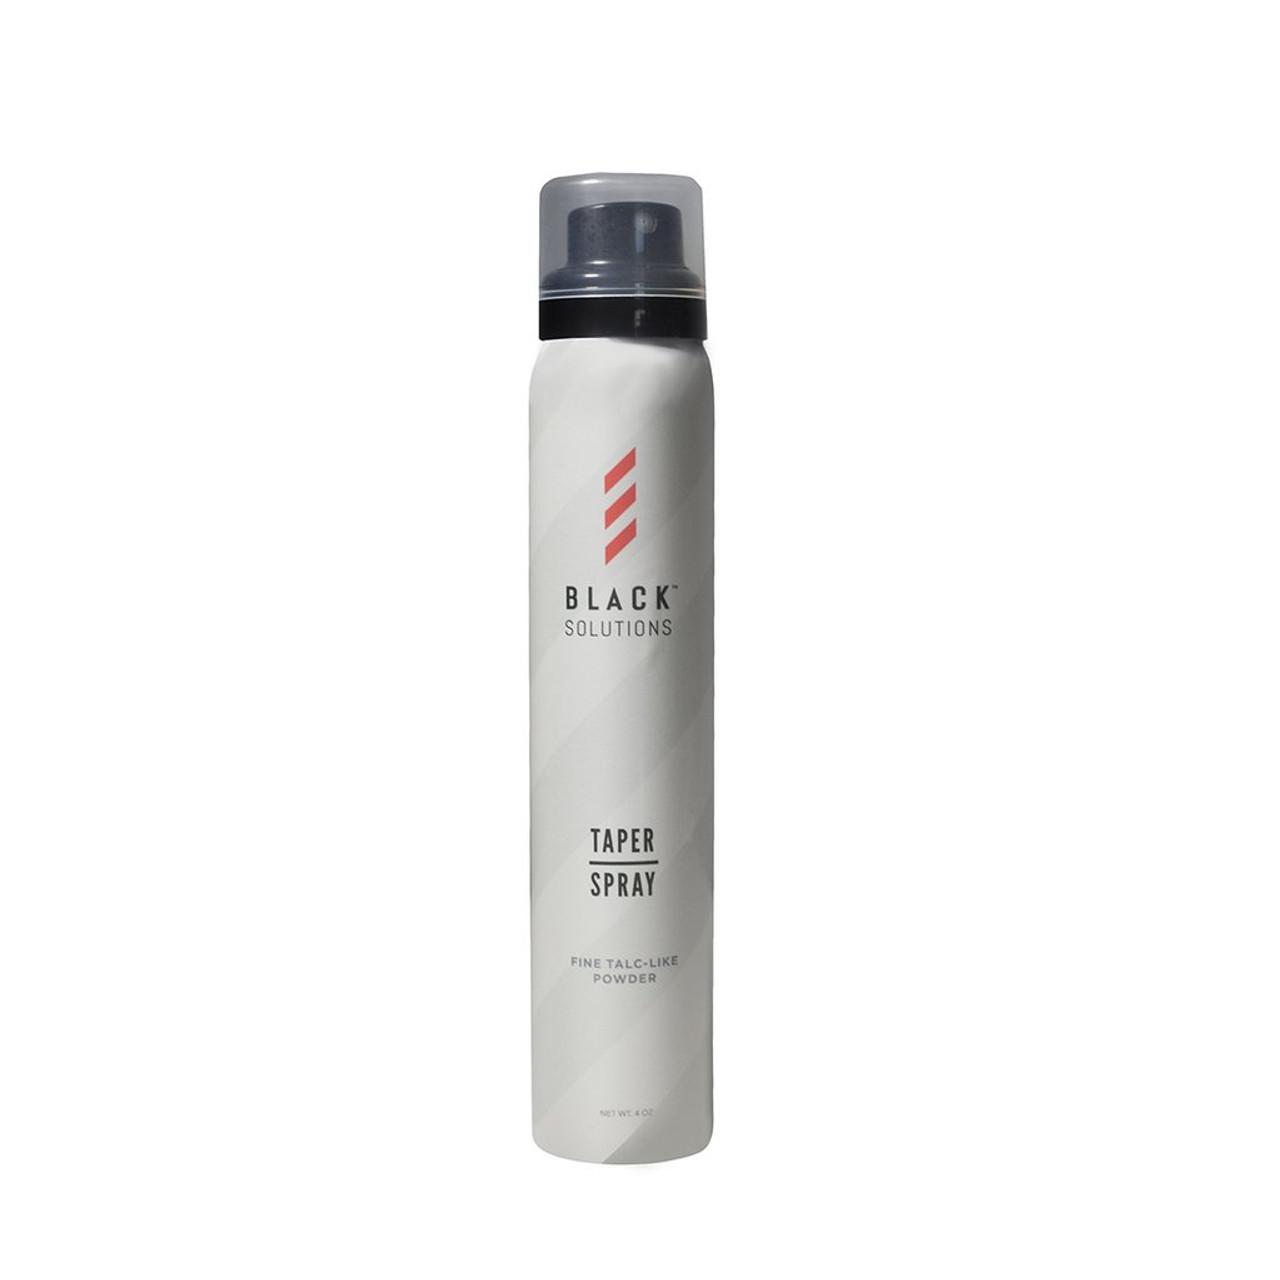 Black Solutions Taper Spray